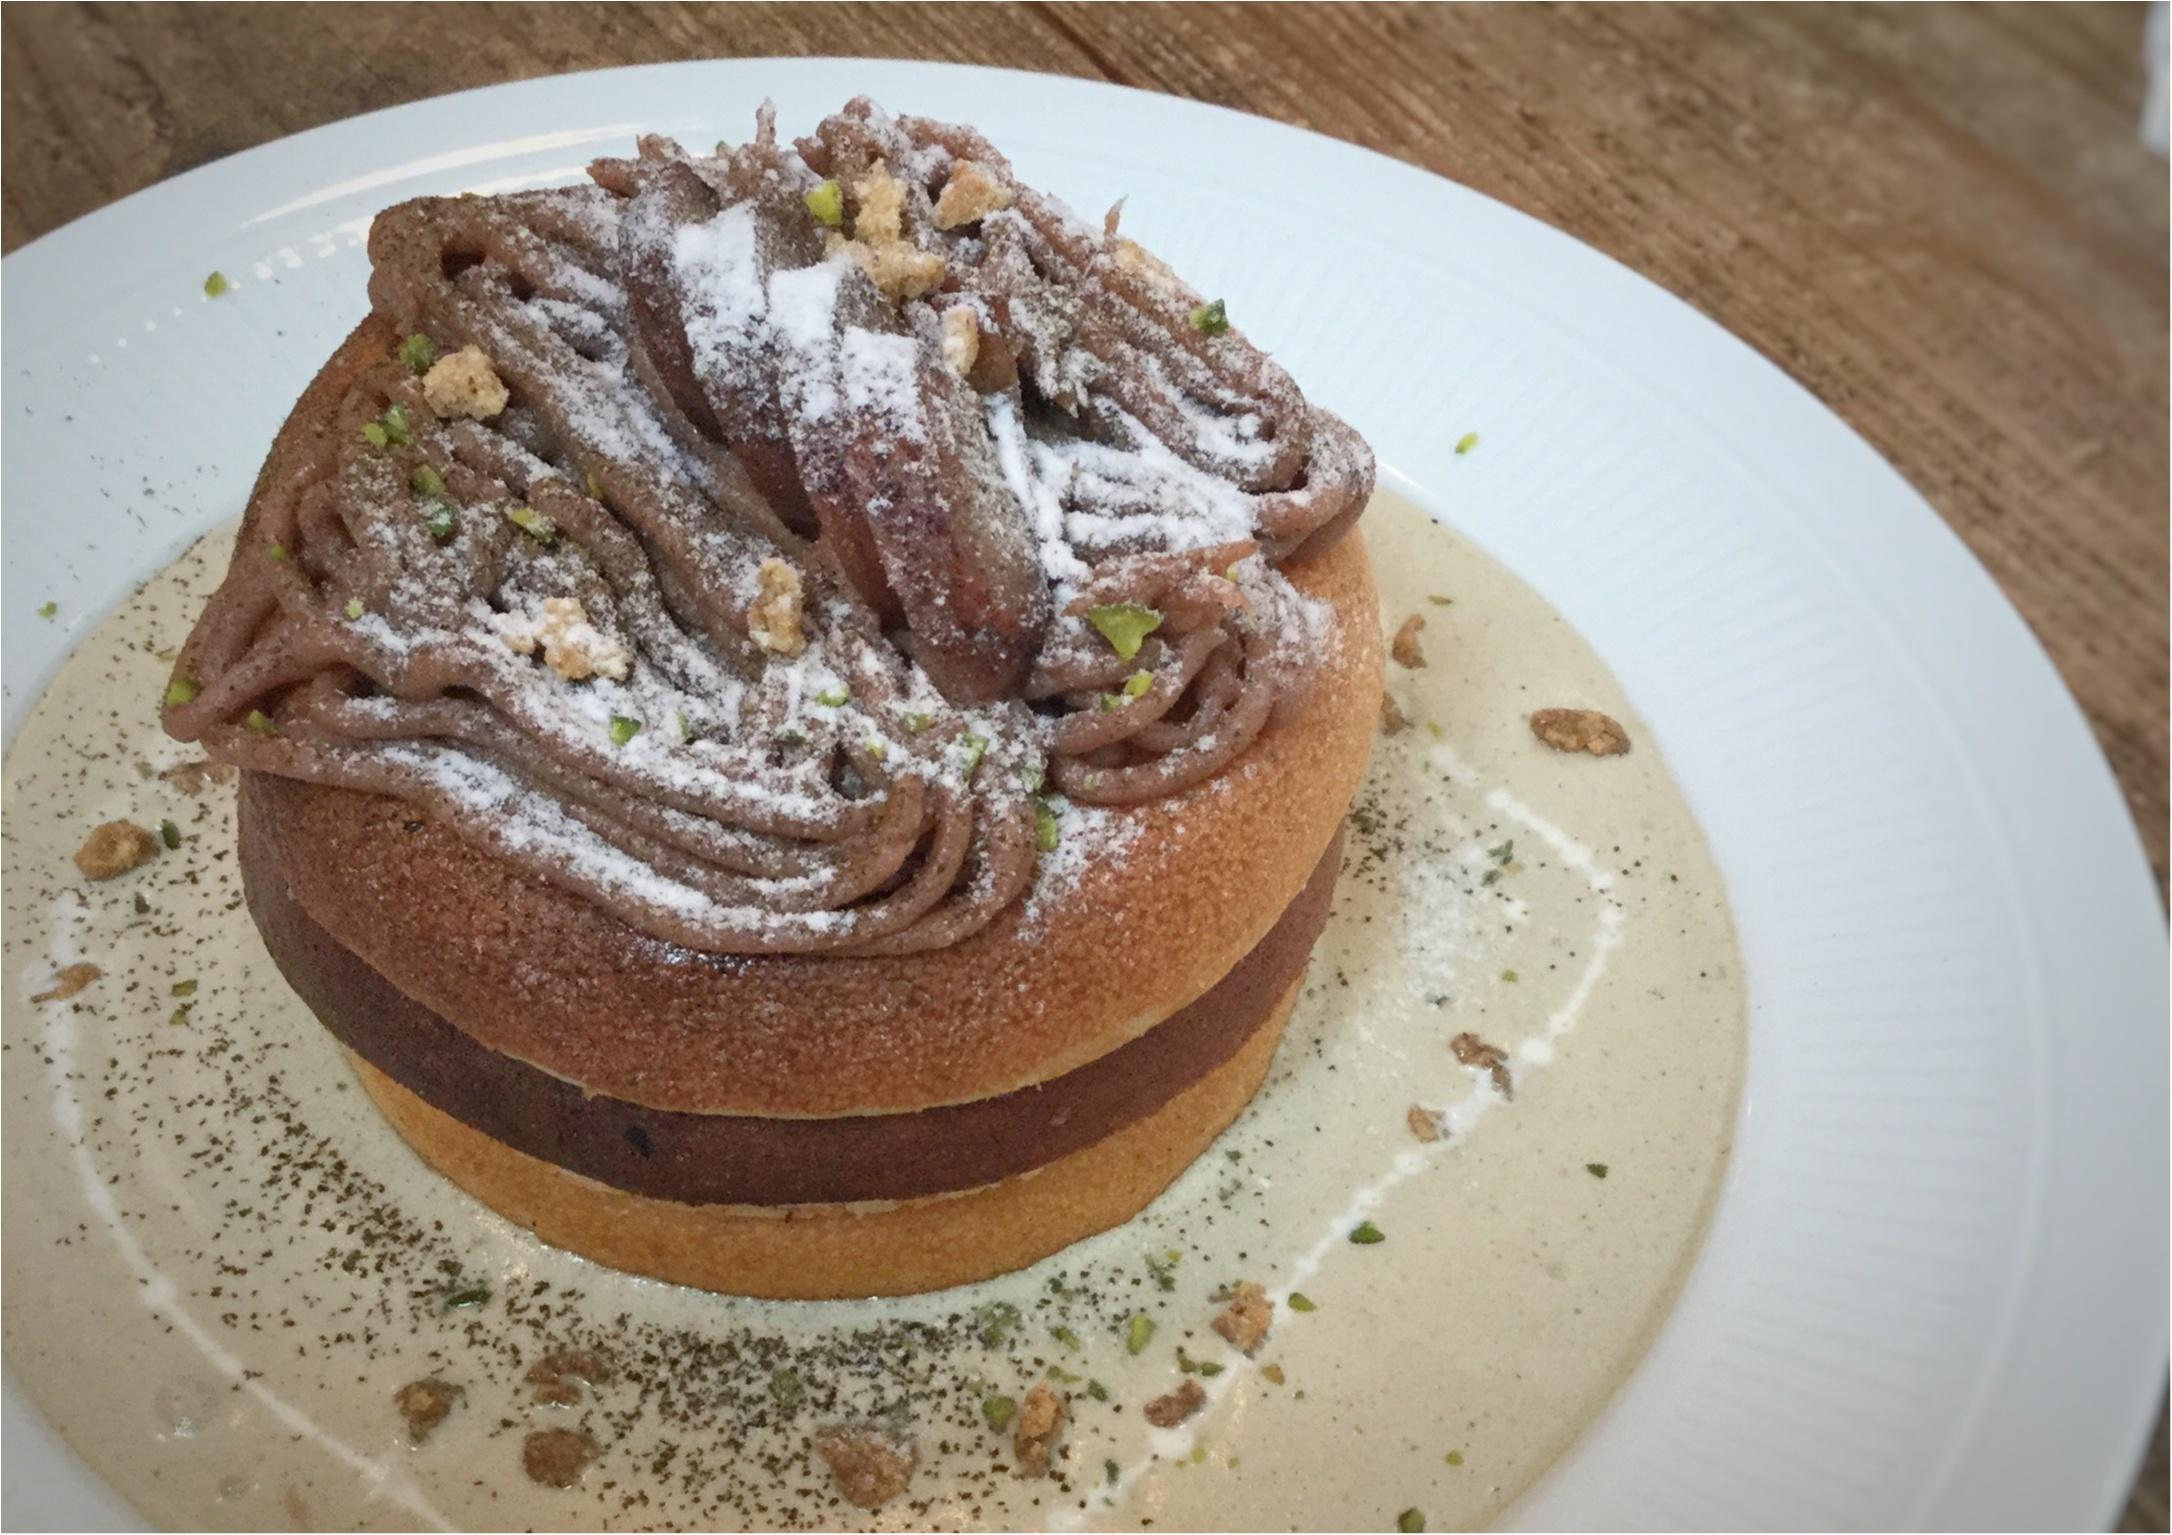 【人気No. 1カフェ】広島で最も人気なカフェ「43(キャラントトロワ)」パンガレットを食べながら癒しタイムを過ごしませんか?_3